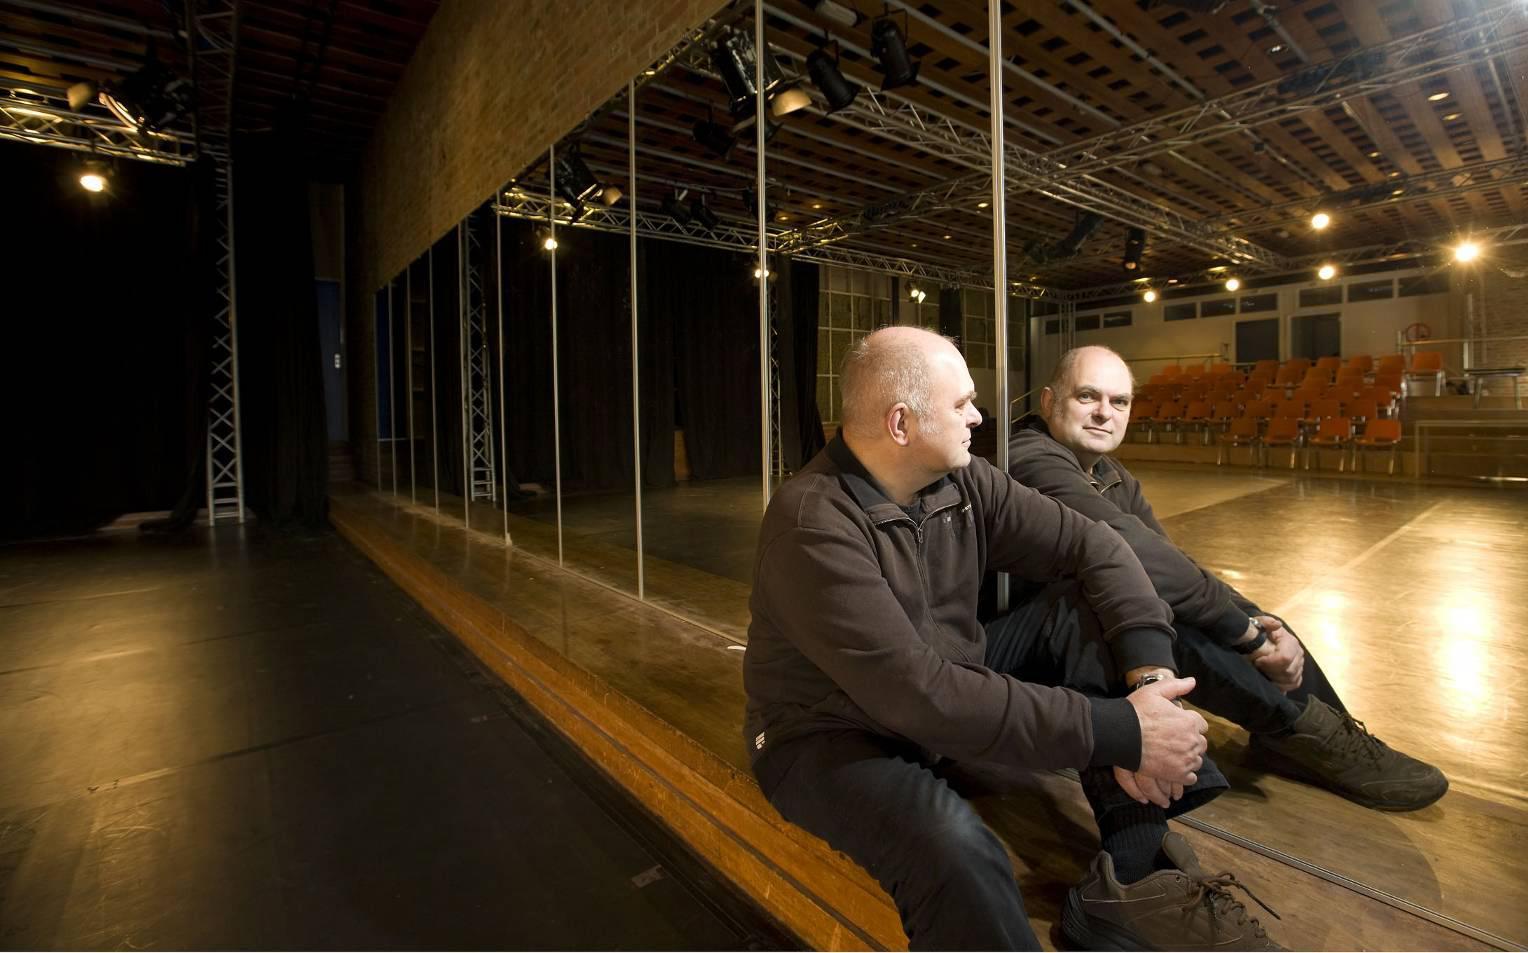 Leidse theaters en bioscopen nog in onzekerheid over ontheffing: 'Meer dan de helft van het publiek moesten we naar huis sturen'